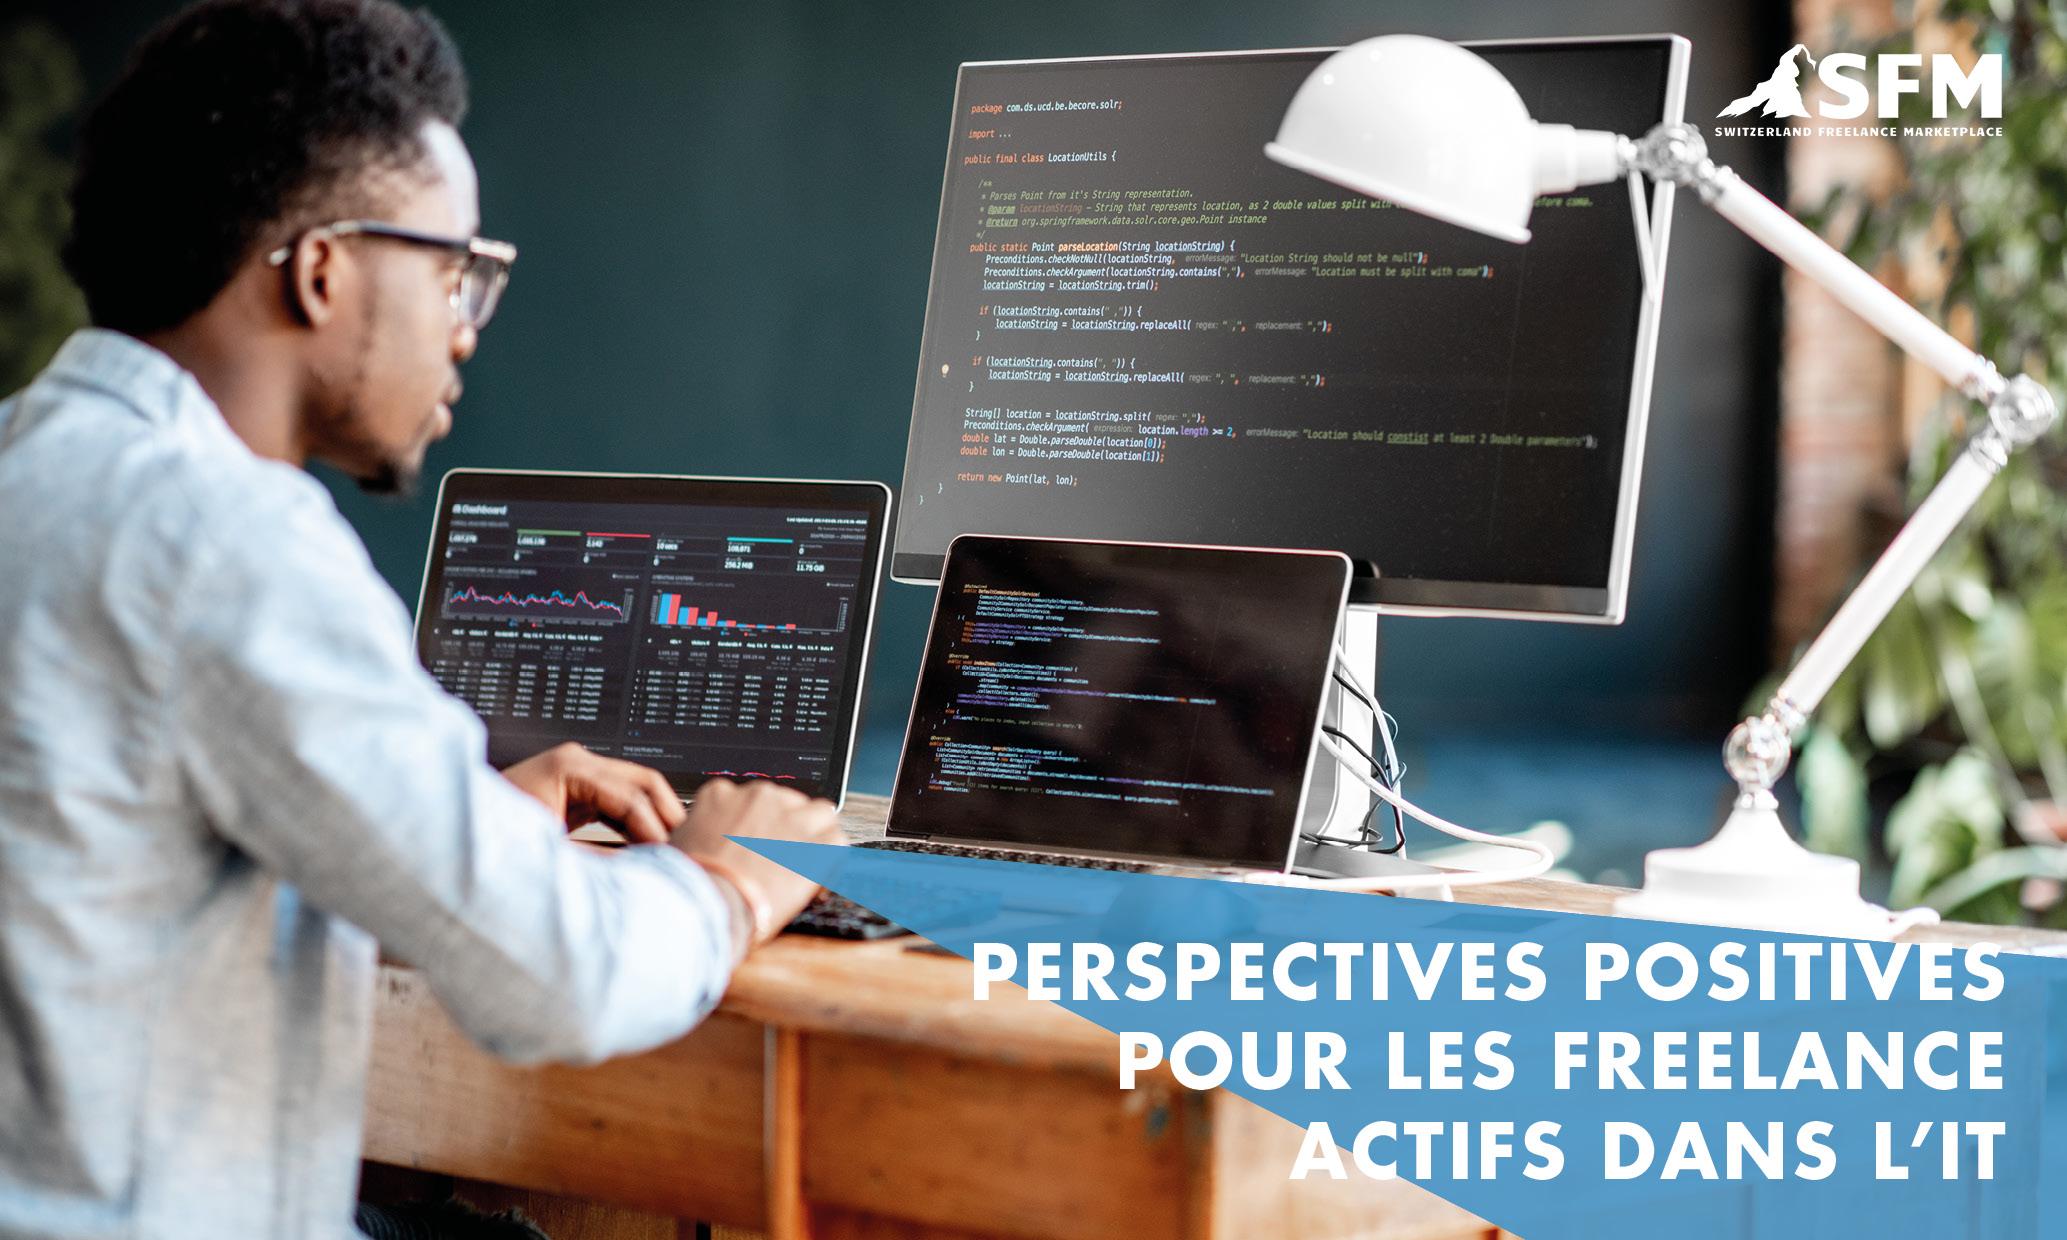 Perspectives positives pour les freelance actifs dans l'IT